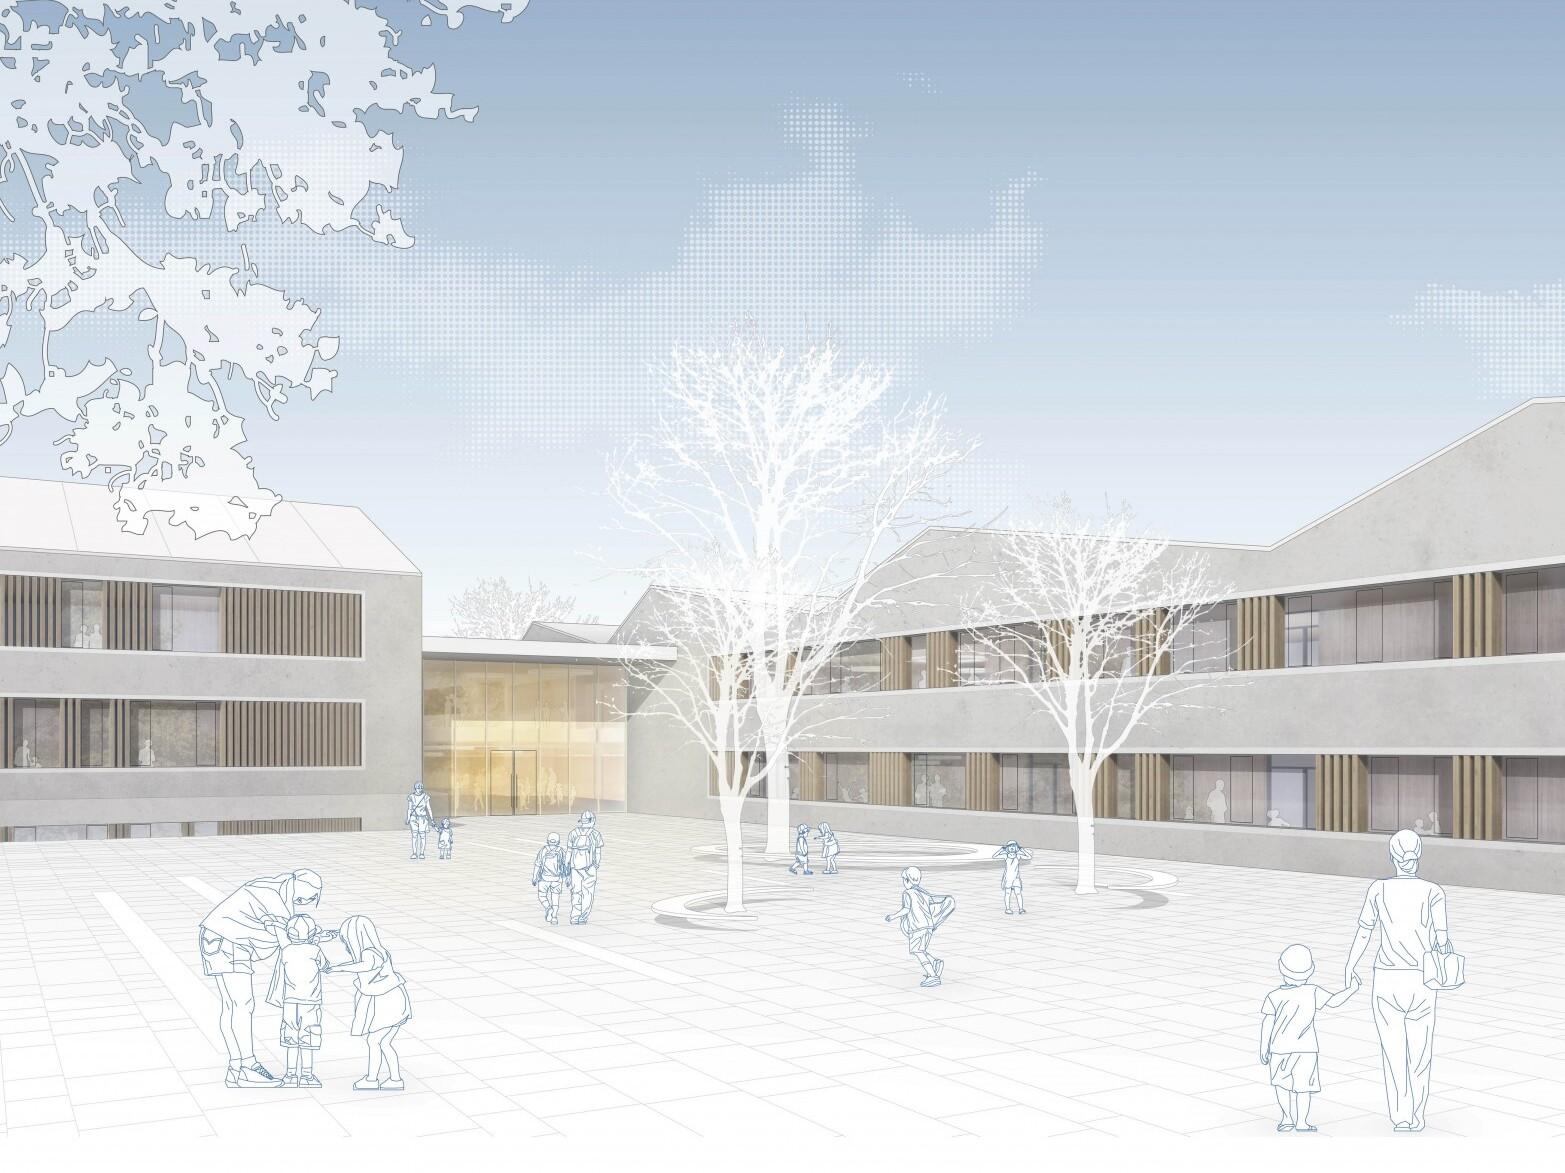 WB Leinfelden-Echterdingen, Zeppelinschule